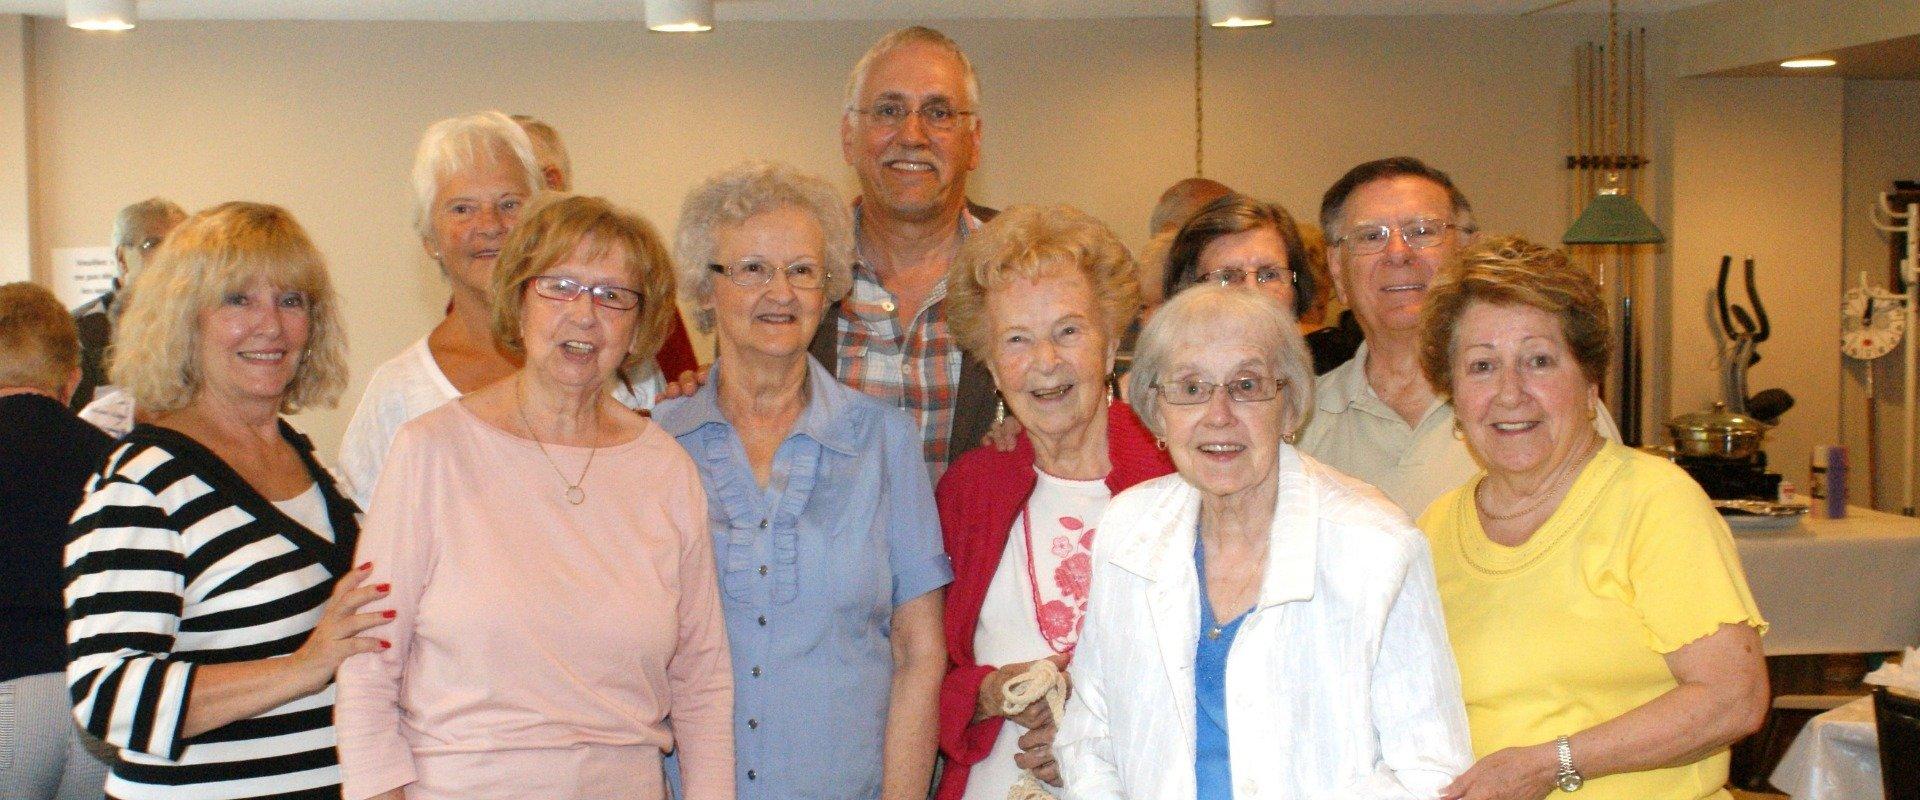 Pierre Dionne Labelle a visité les aînés de la résidence La Jérômienne, à la fin août. Photo Paul Alain